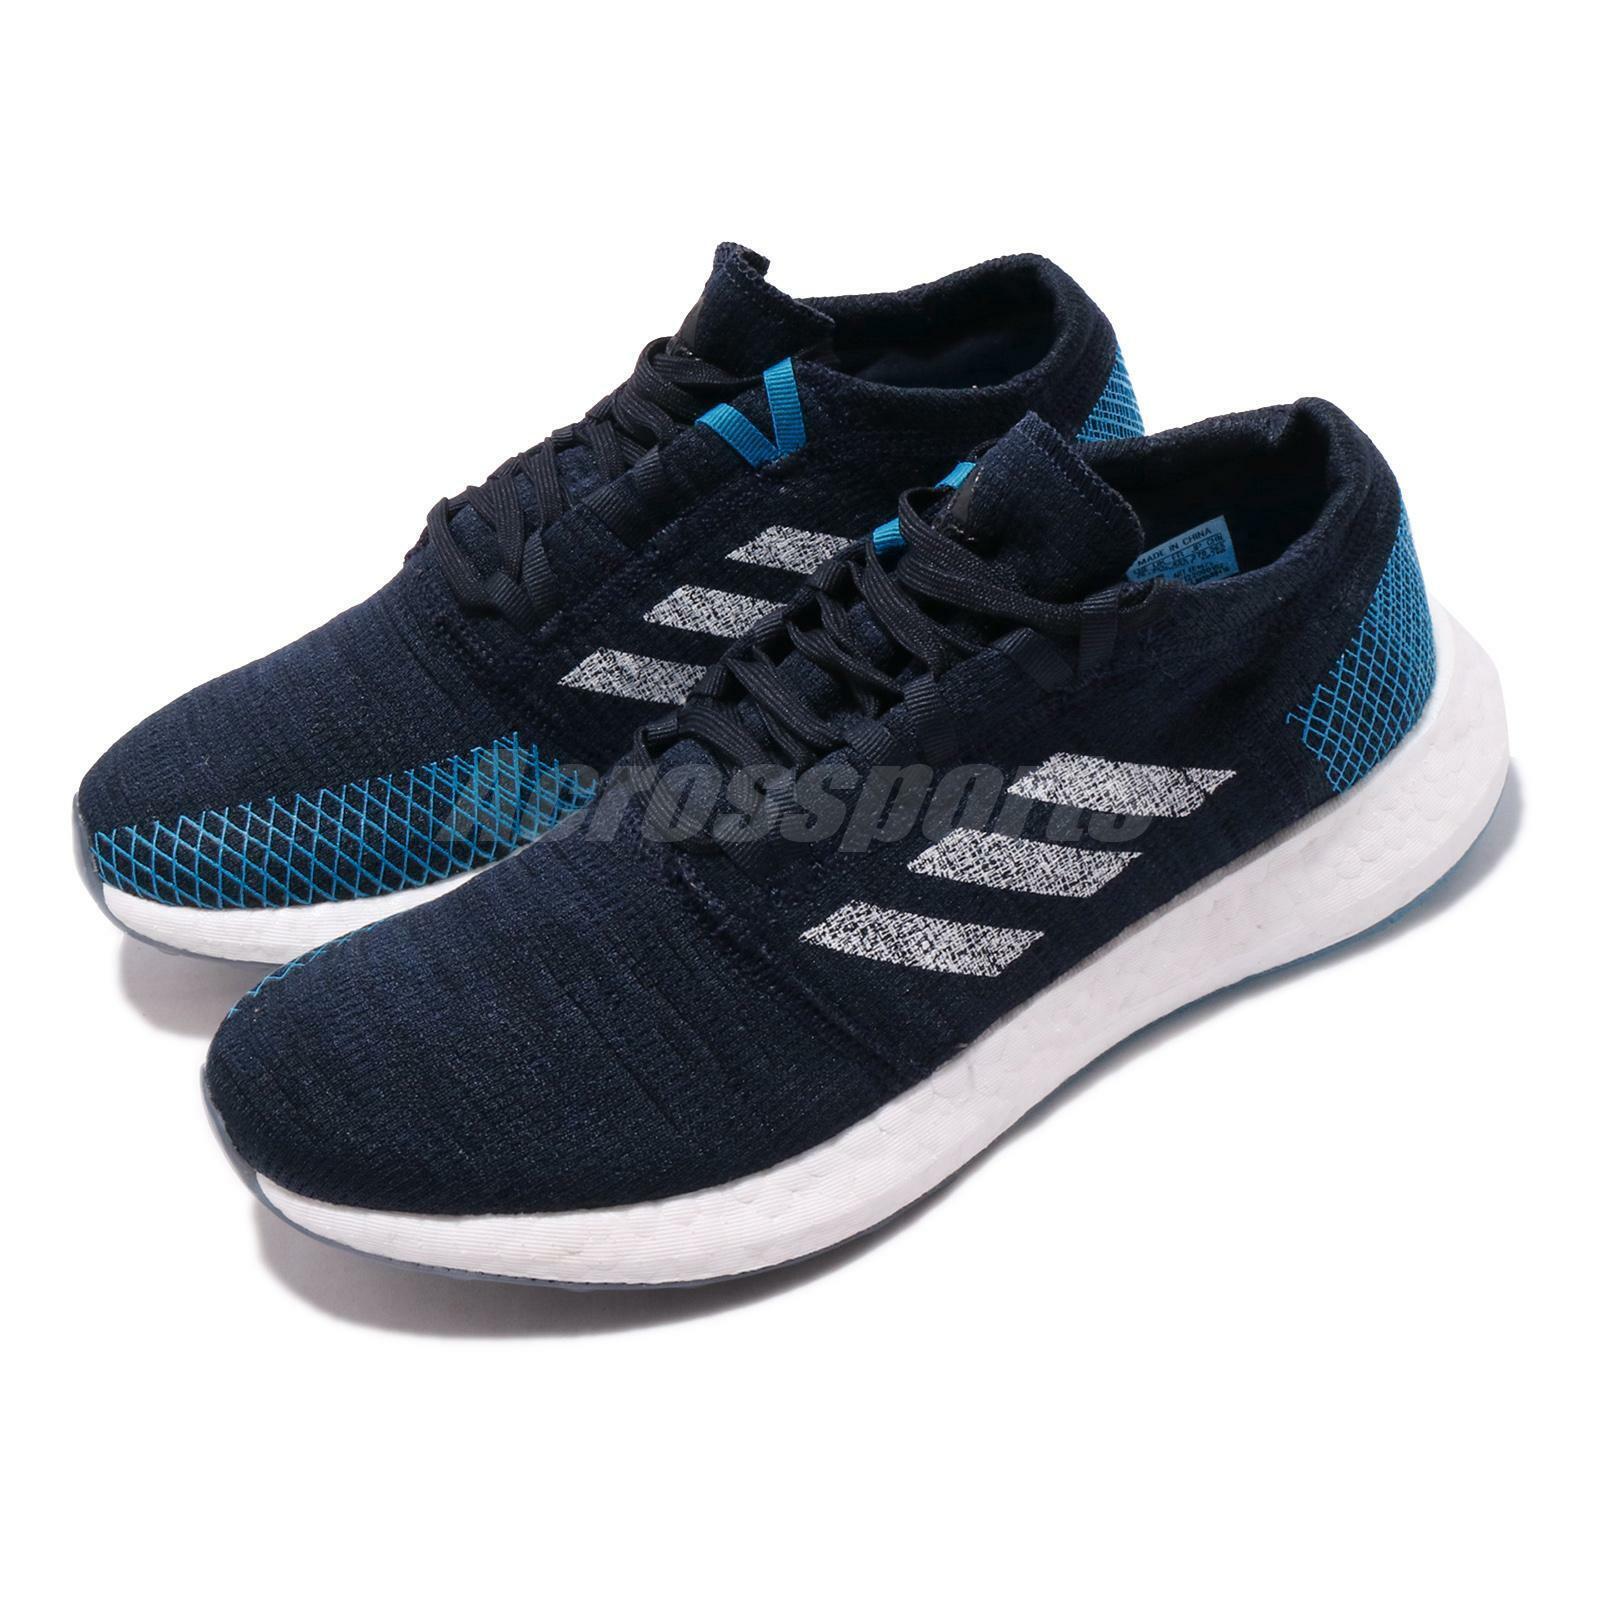 zapatillas adidas azul marino hombre